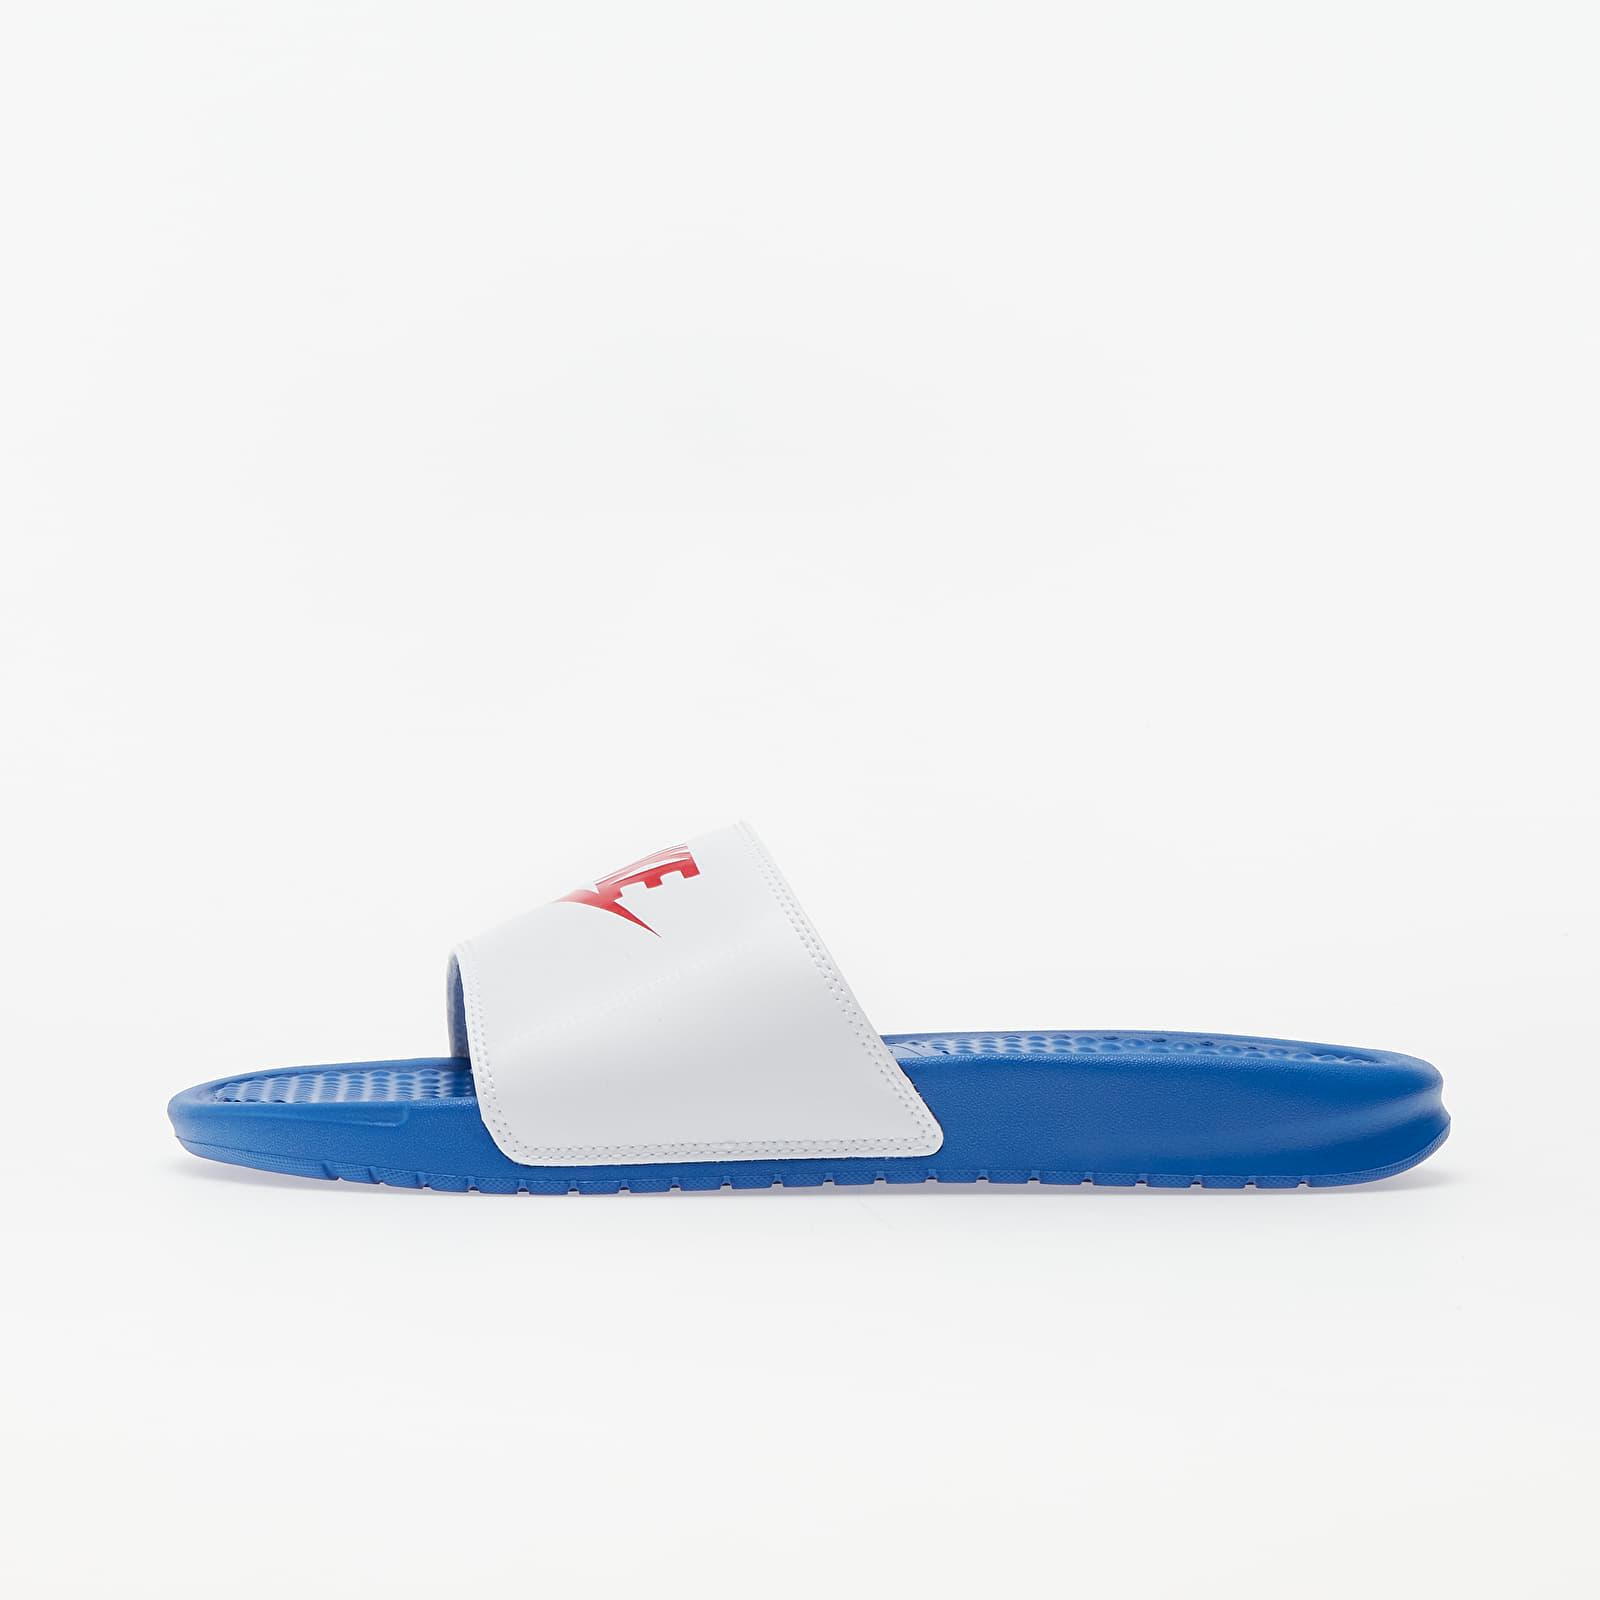 Pánské tenisky a boty Nike Benassi JDI Game Royal/ University Red-White